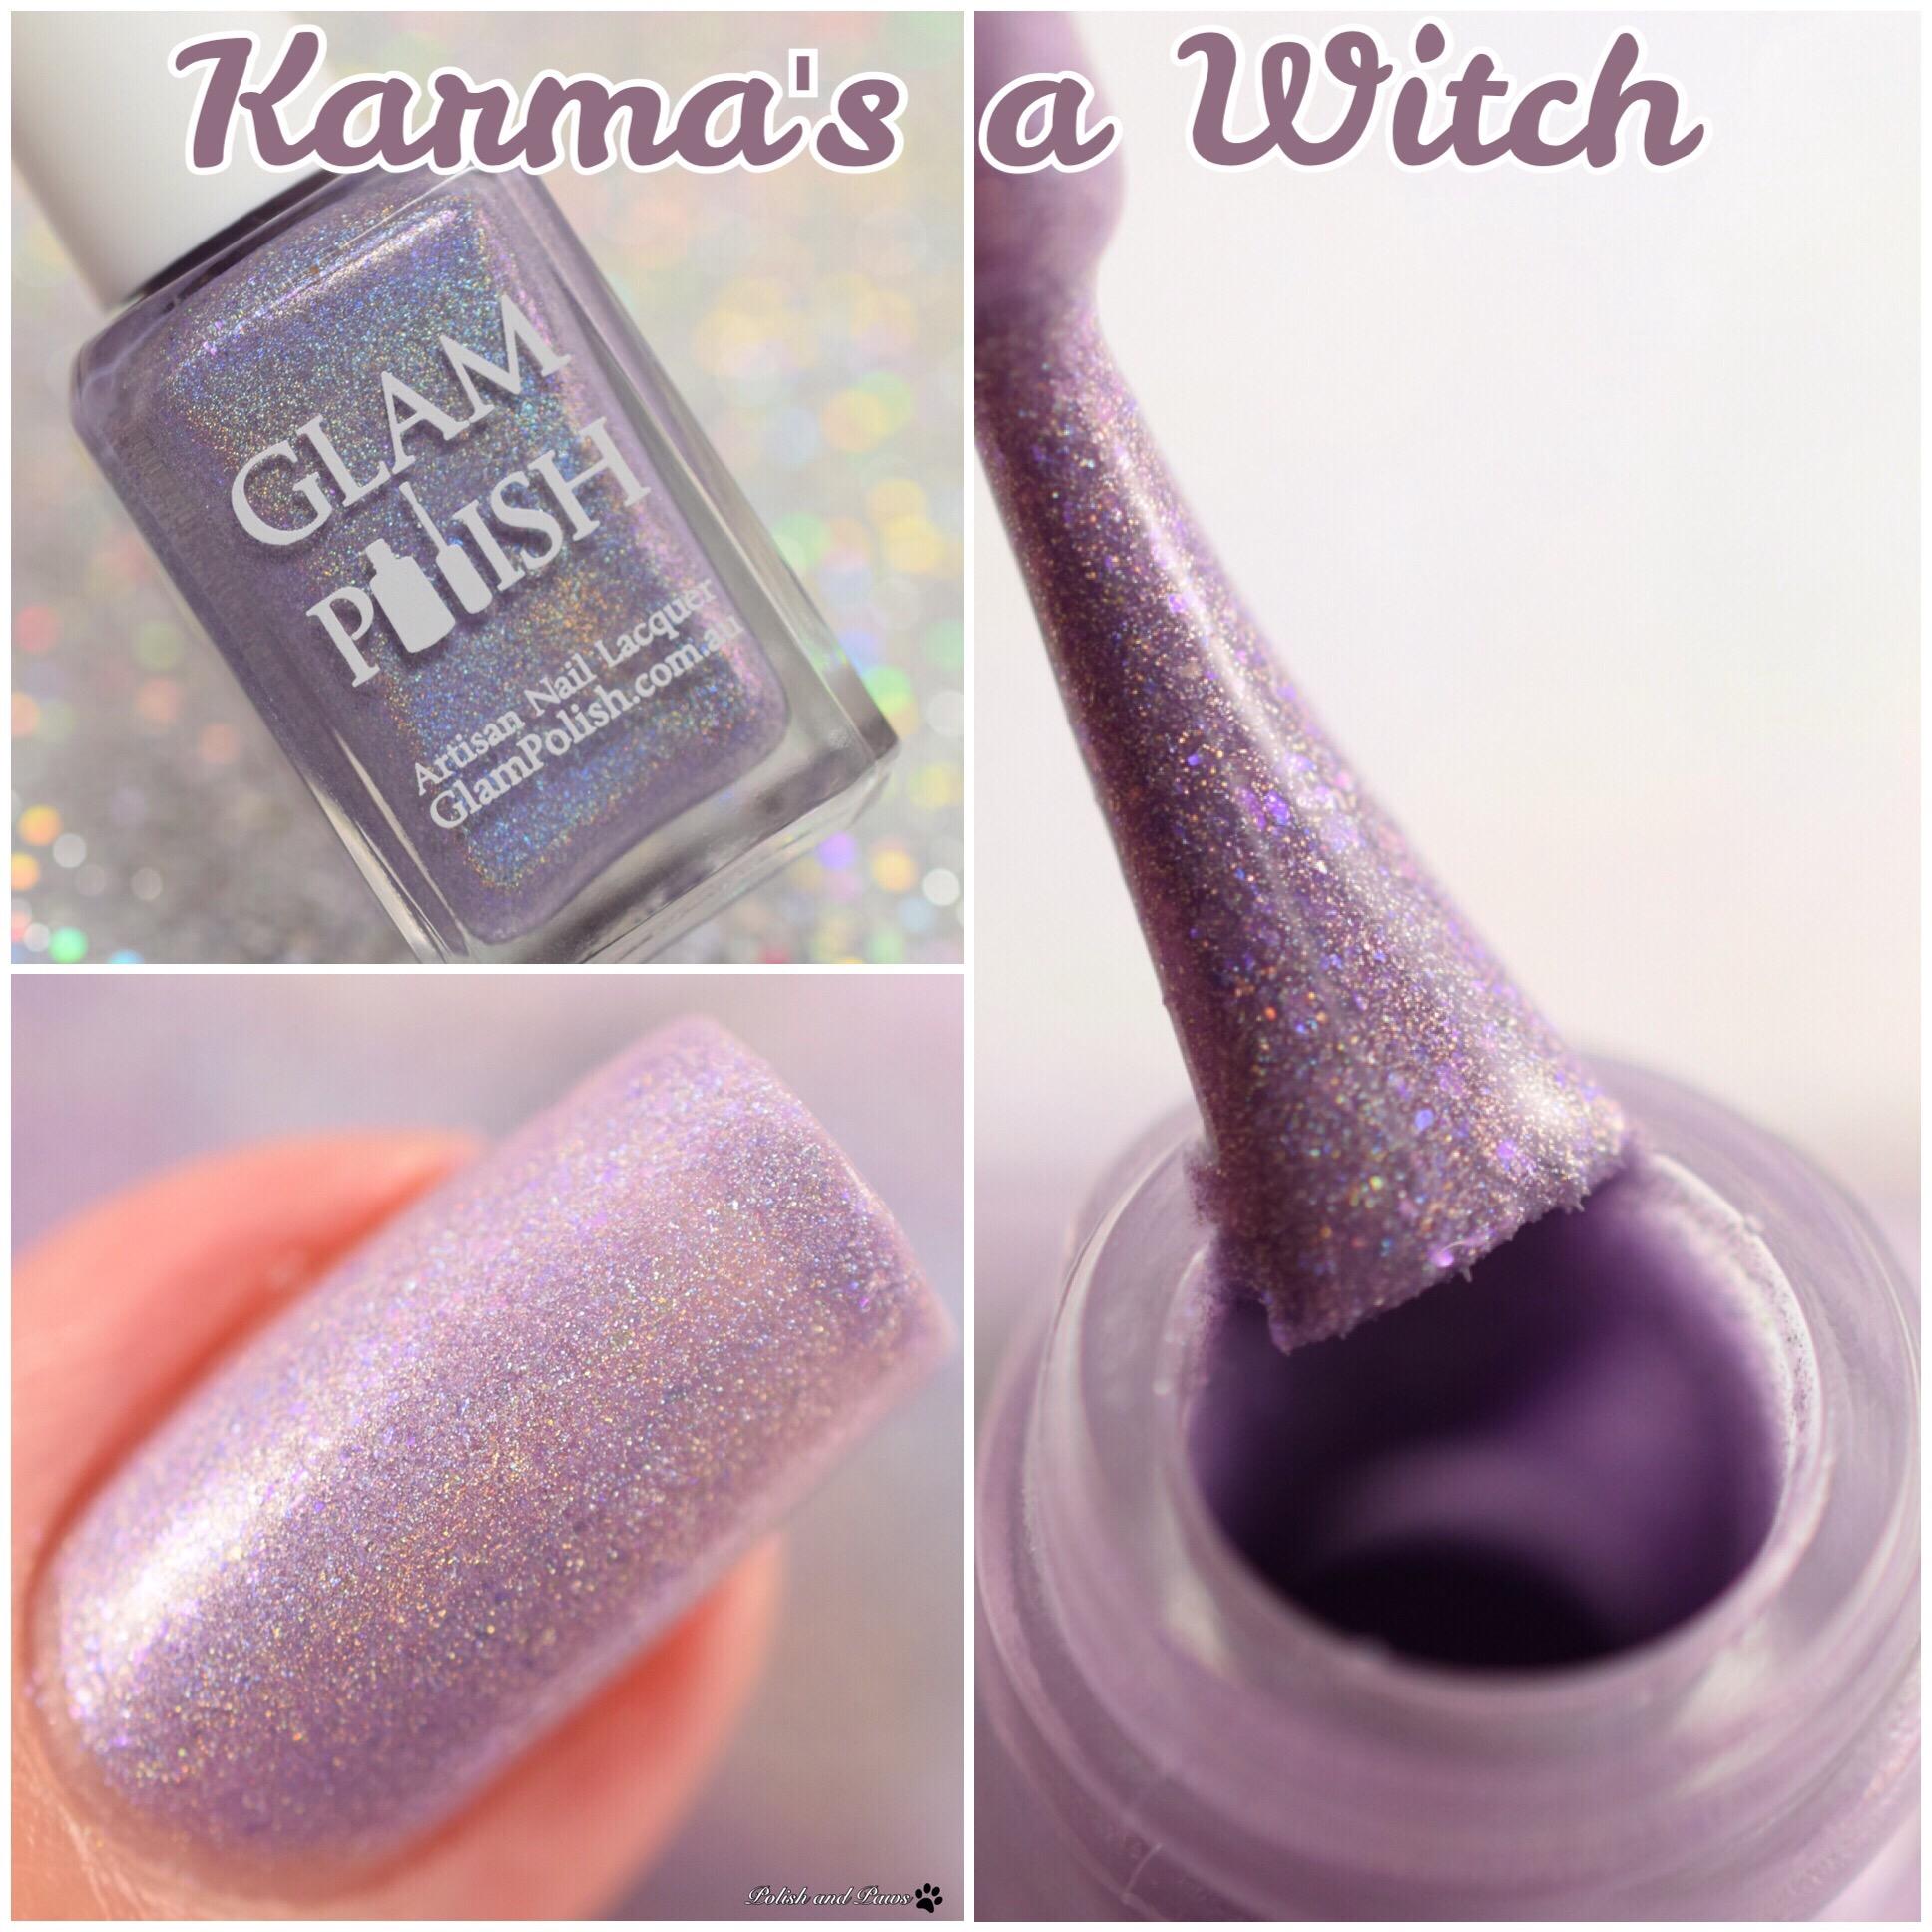 Glam Polish Karma's a Witch